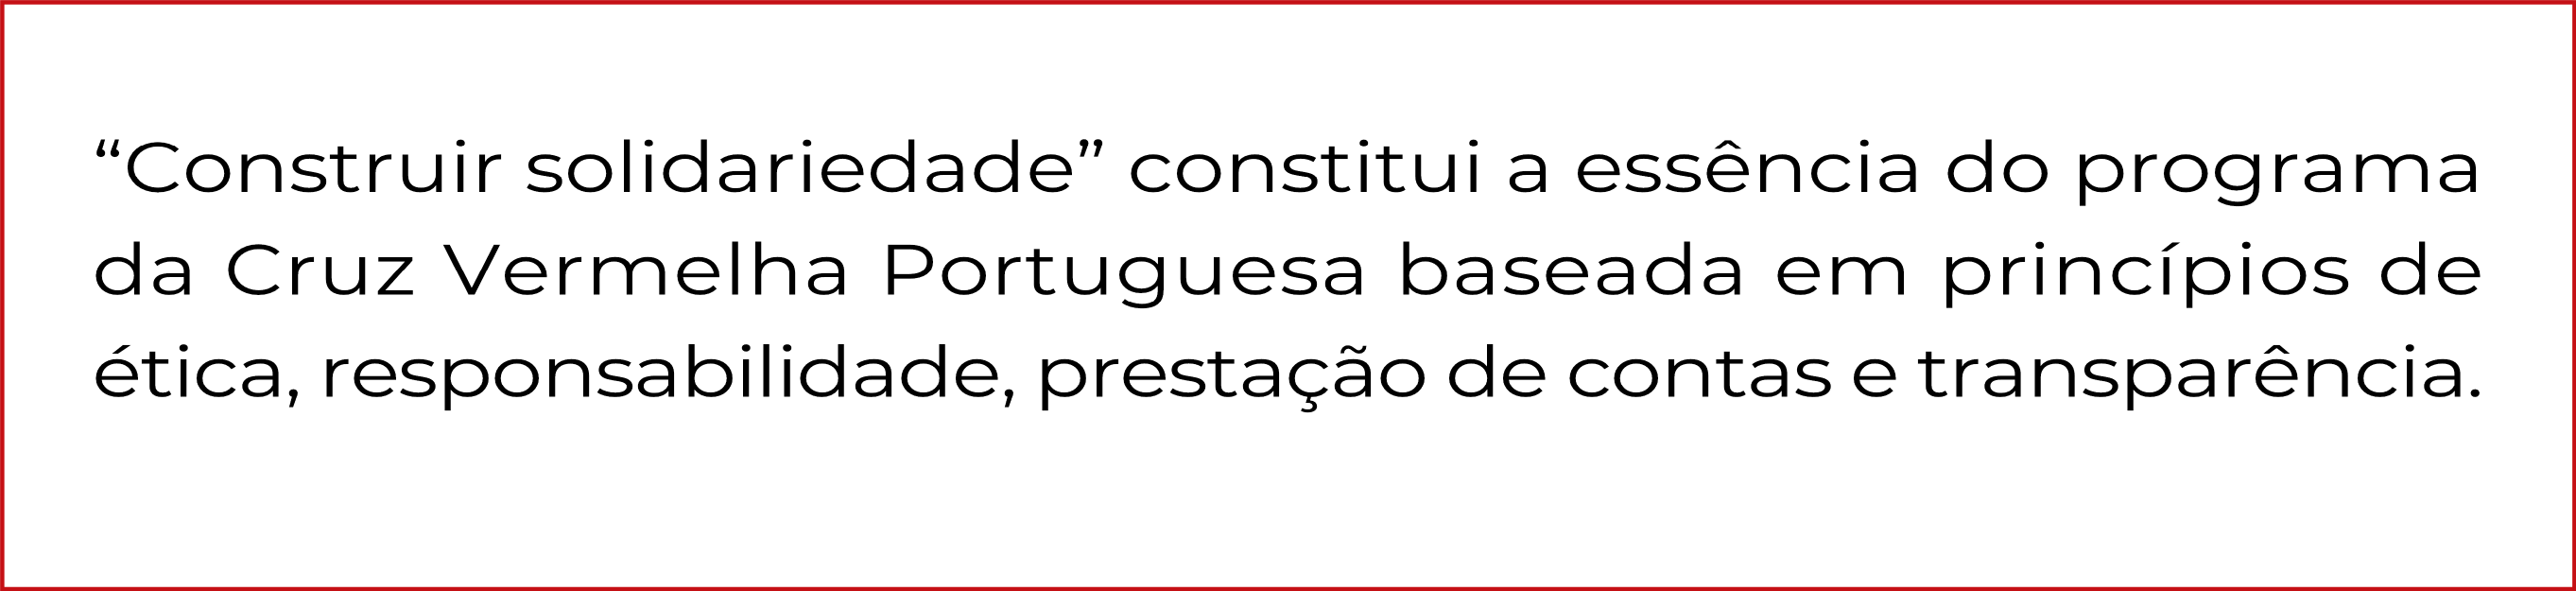 Cruz Vermelha Portuguesa Espaco Cruz Vermelha